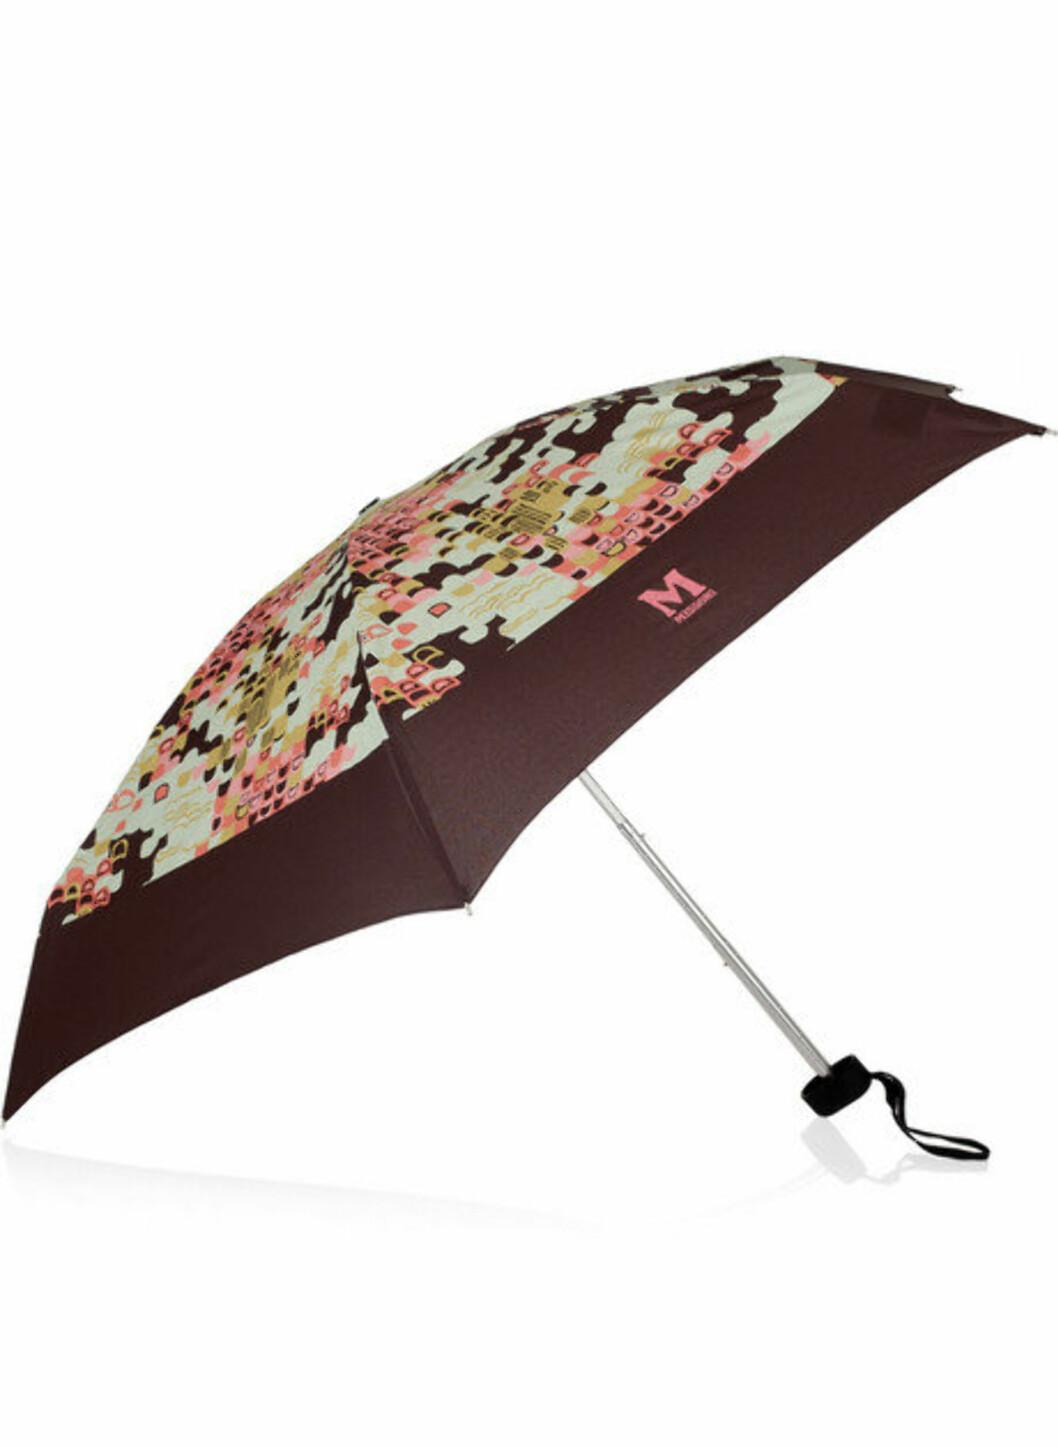 Missoni-paraply til 50 prosent (ca kr.265/theoutnet.com). Foto: Produsenten